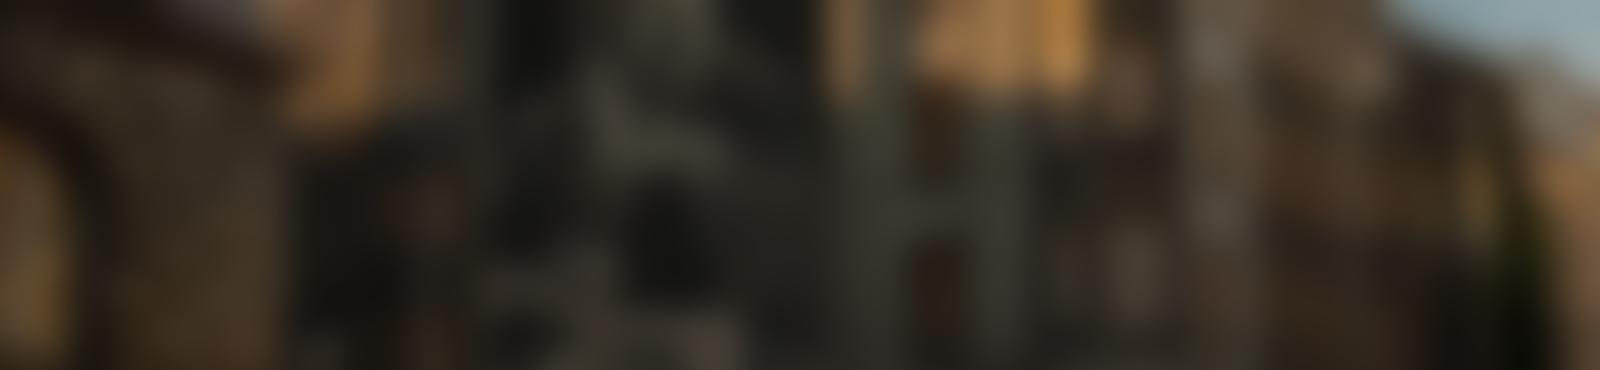 Blurred 2f1a44bf b269 4f00 b730 179d466deb98